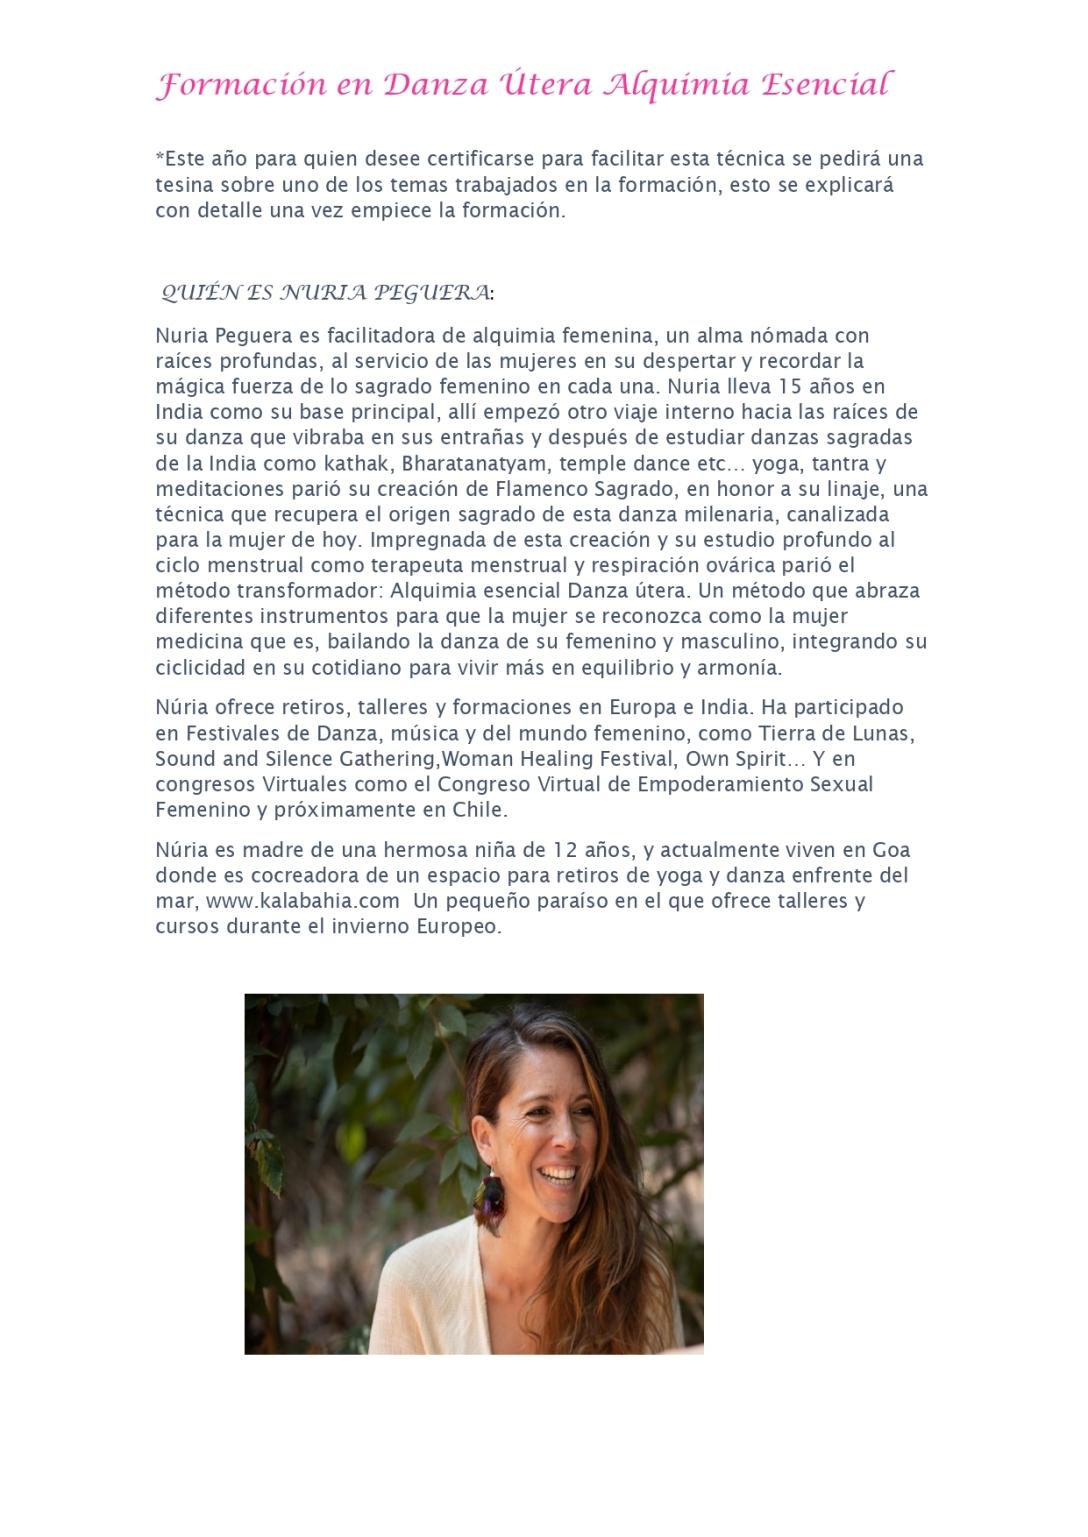 DANZA ÚTERA ALQUIMIA ESENCIAL 2020_page-0003